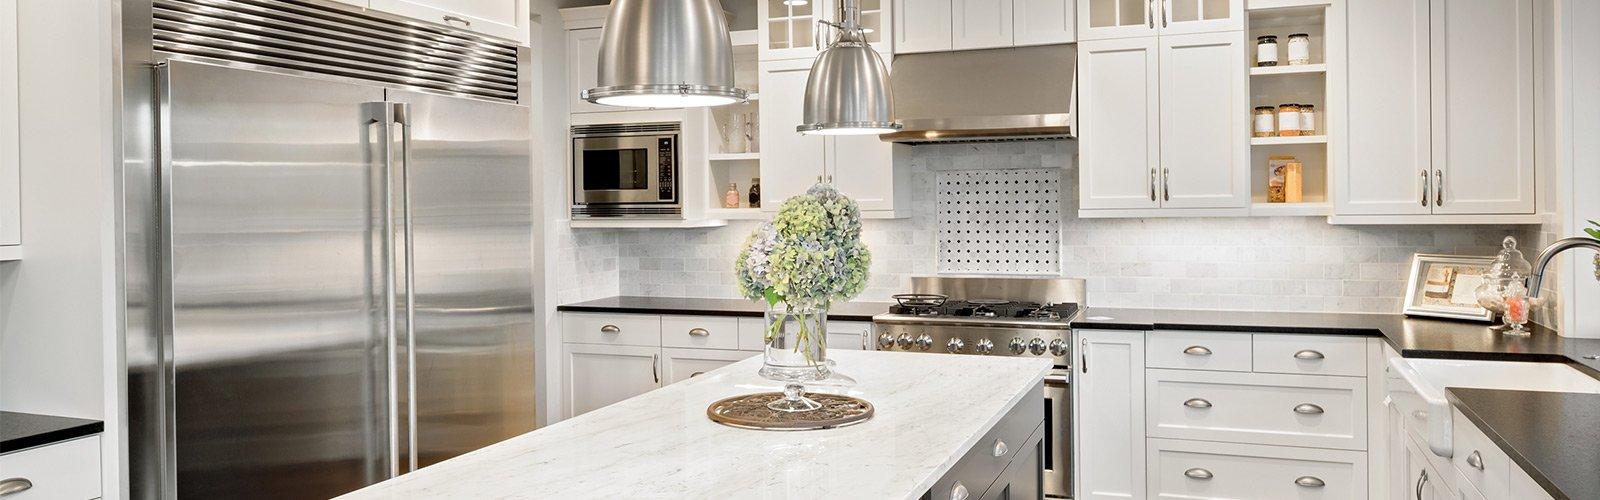 Kitchen Hardware Kitchen Custom Kitchen Hardware Cabinet Trends For Kitchen Cabinets Ideas